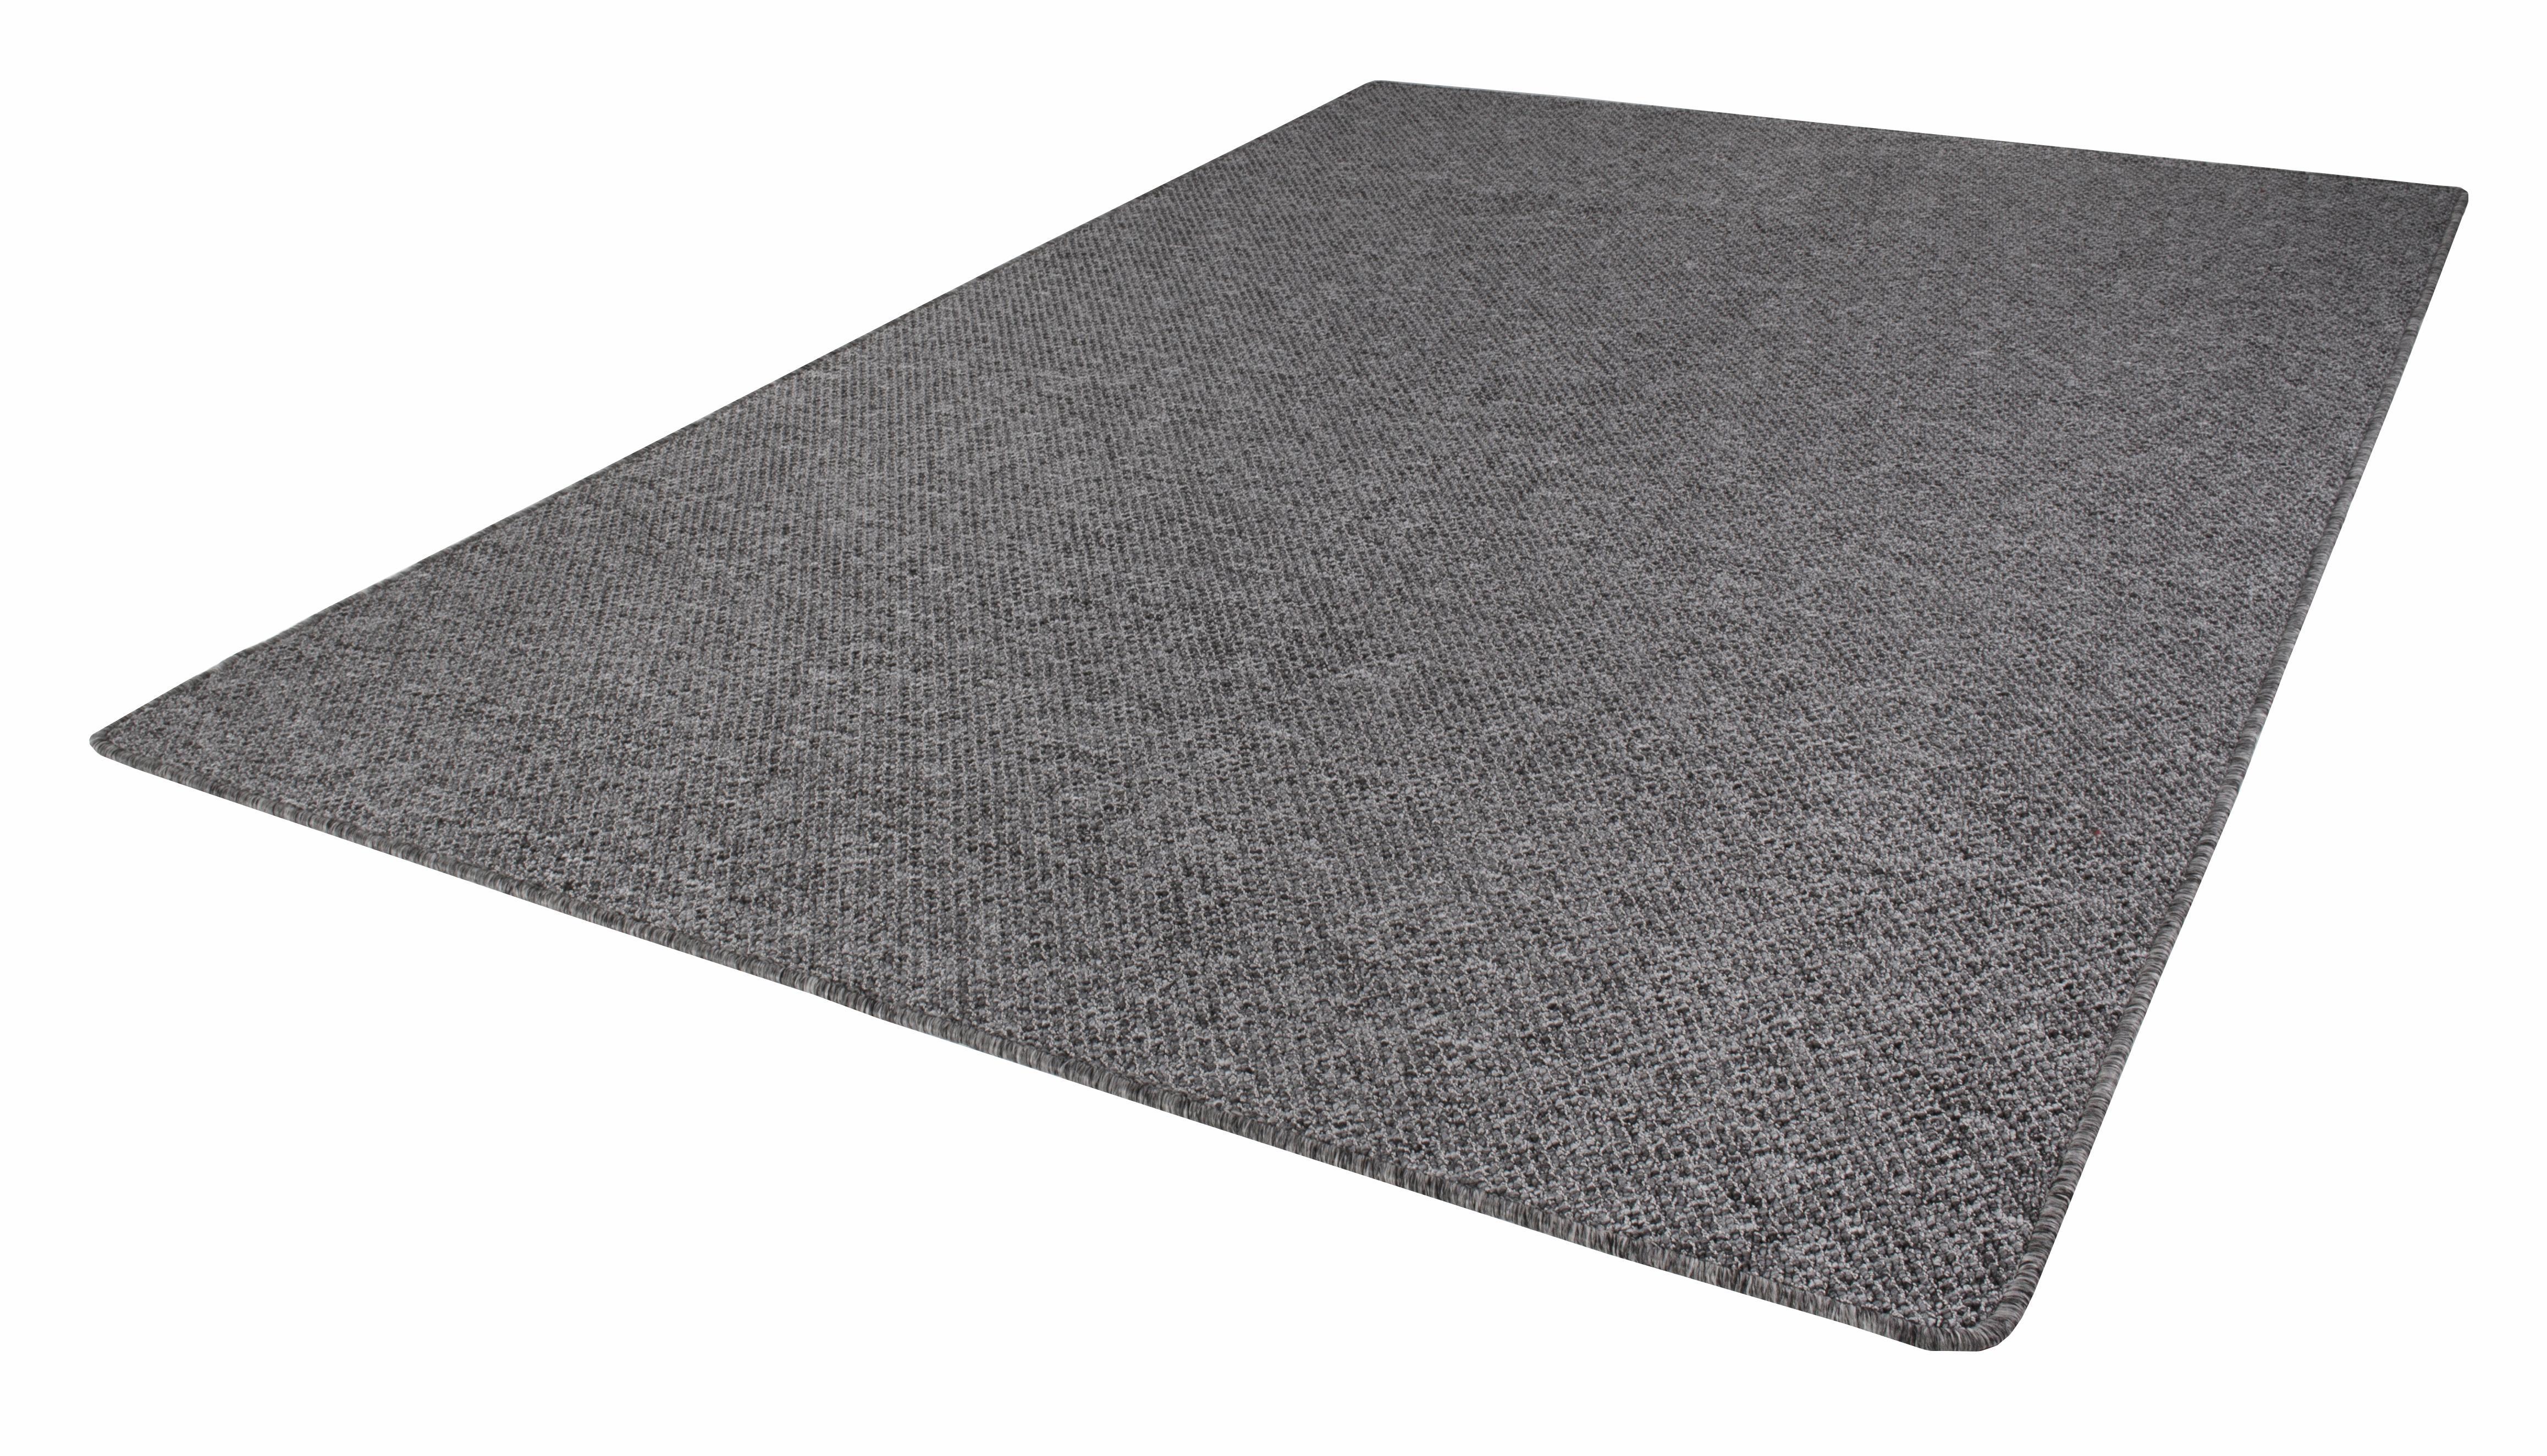 Teppich Darlington LUXOR living rechteckig Höhe 5 mm